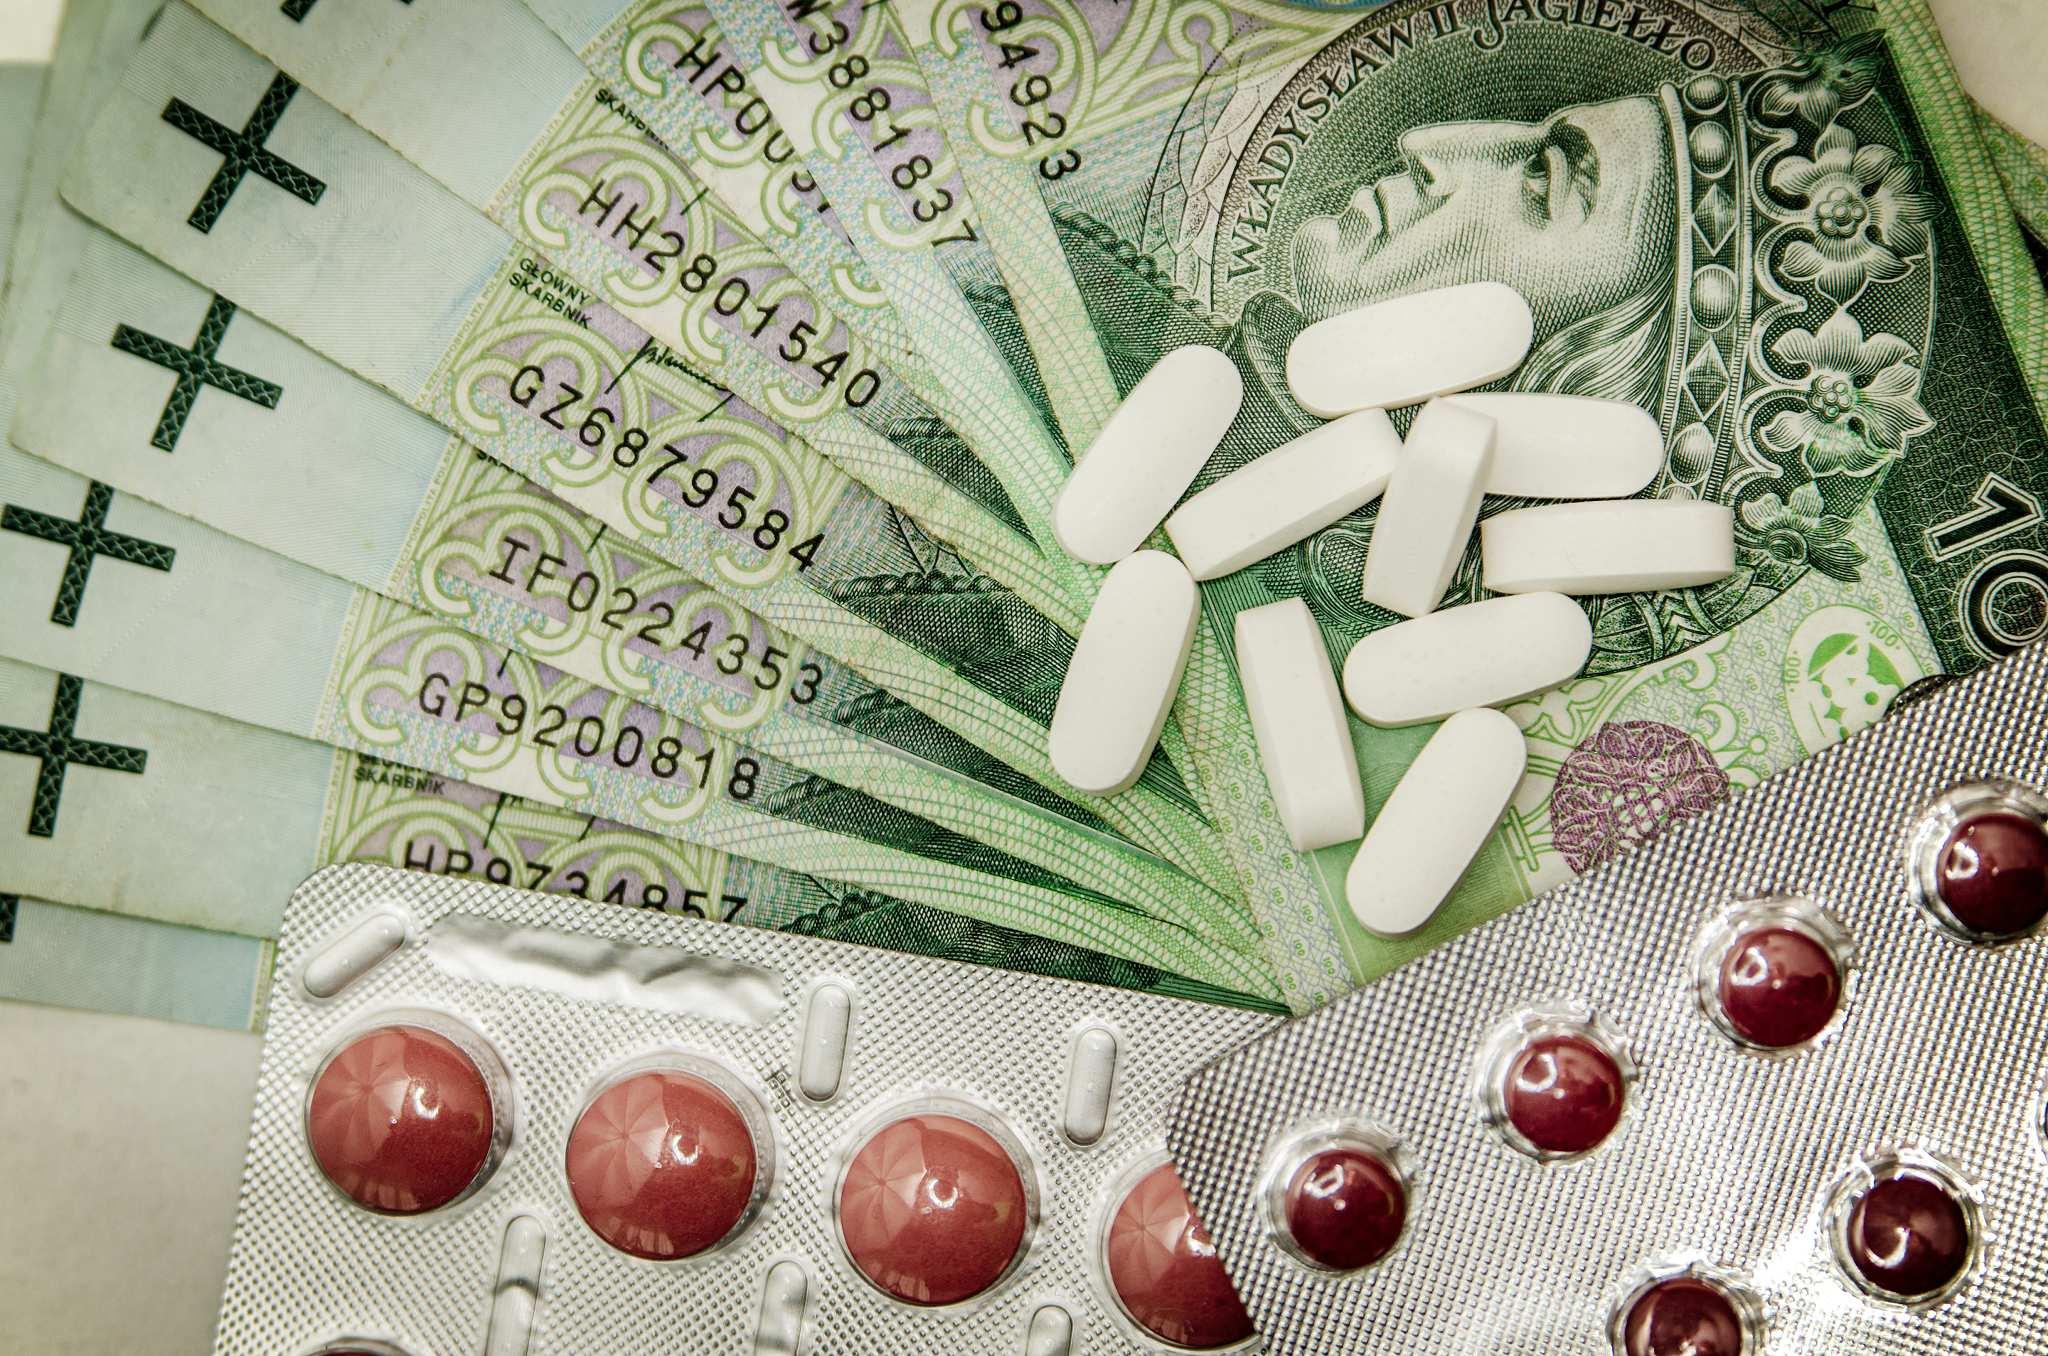 vaistai hipertenzijai gydyti iš Vokietijos